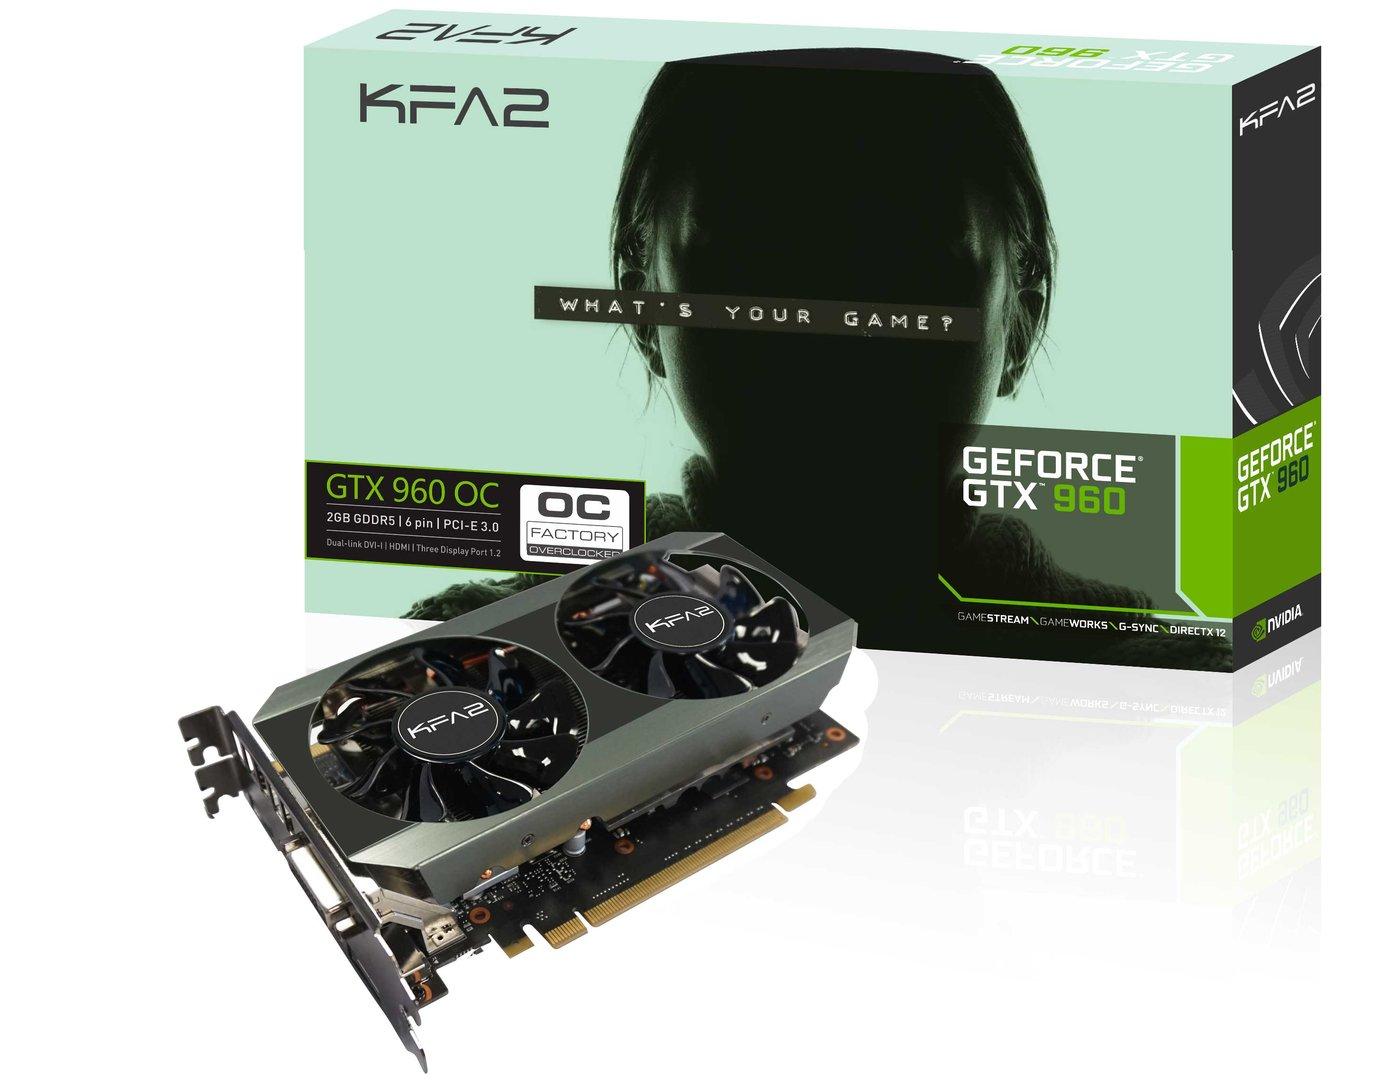 KFA² GTX 960 OC 2 GB